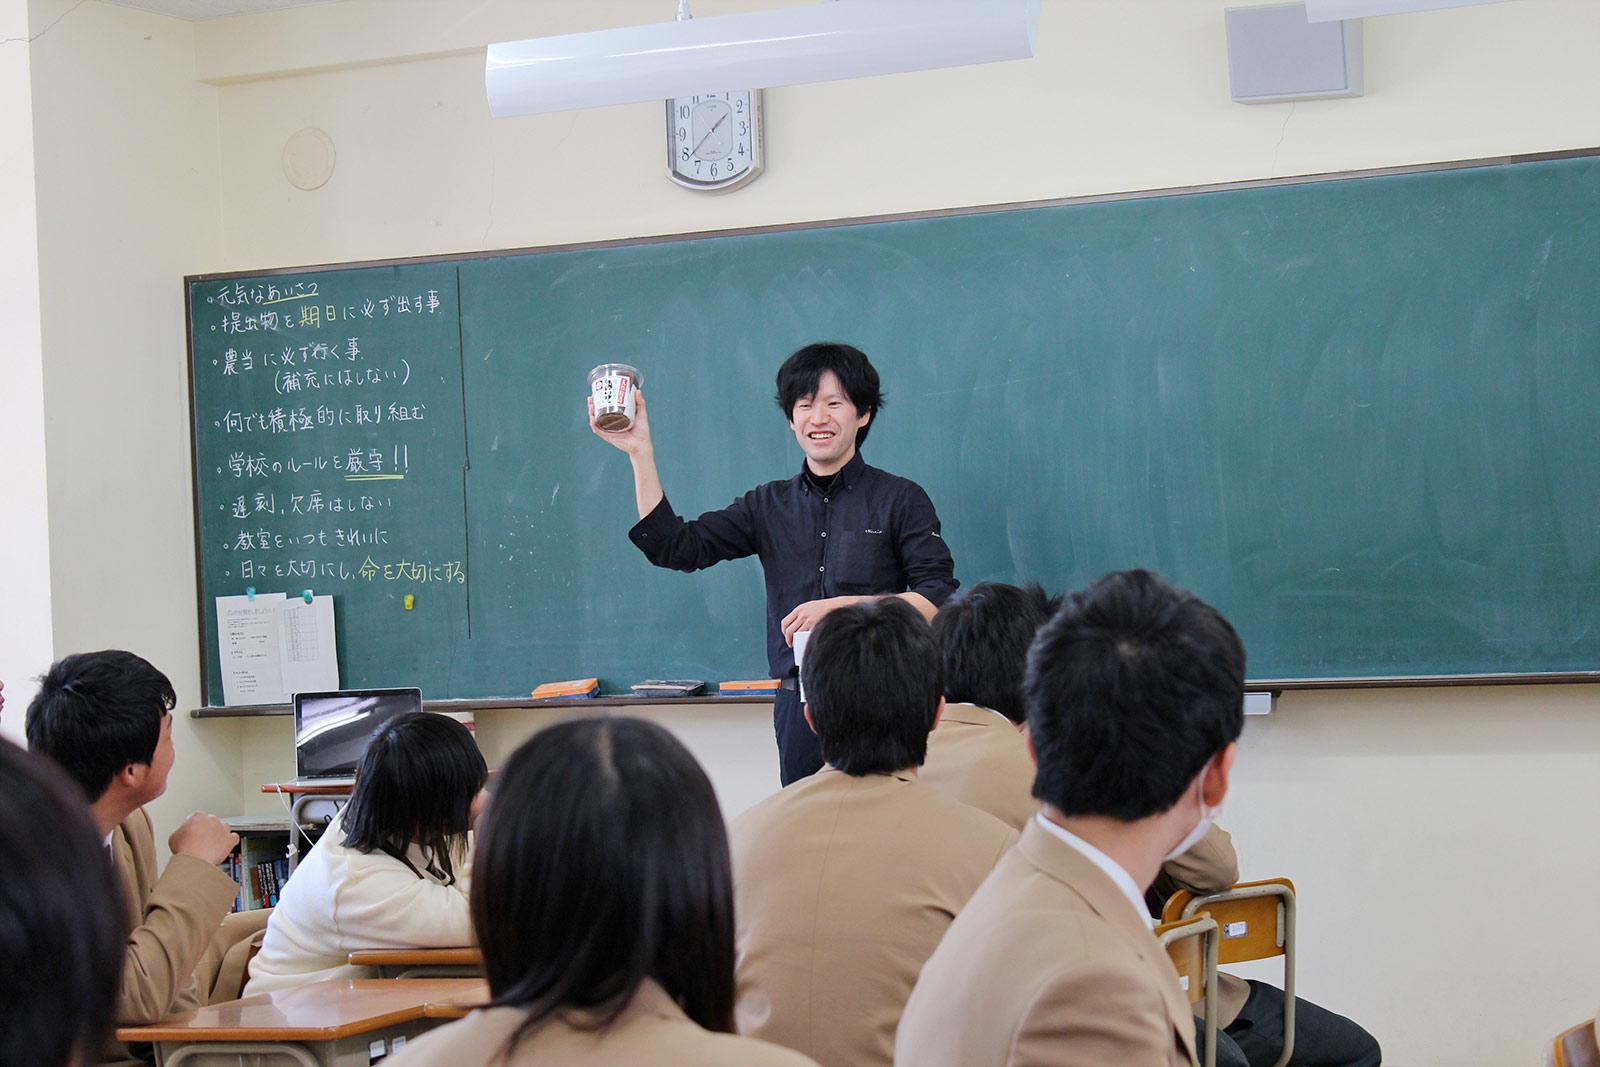 高校で授業を行う鴻谷さん